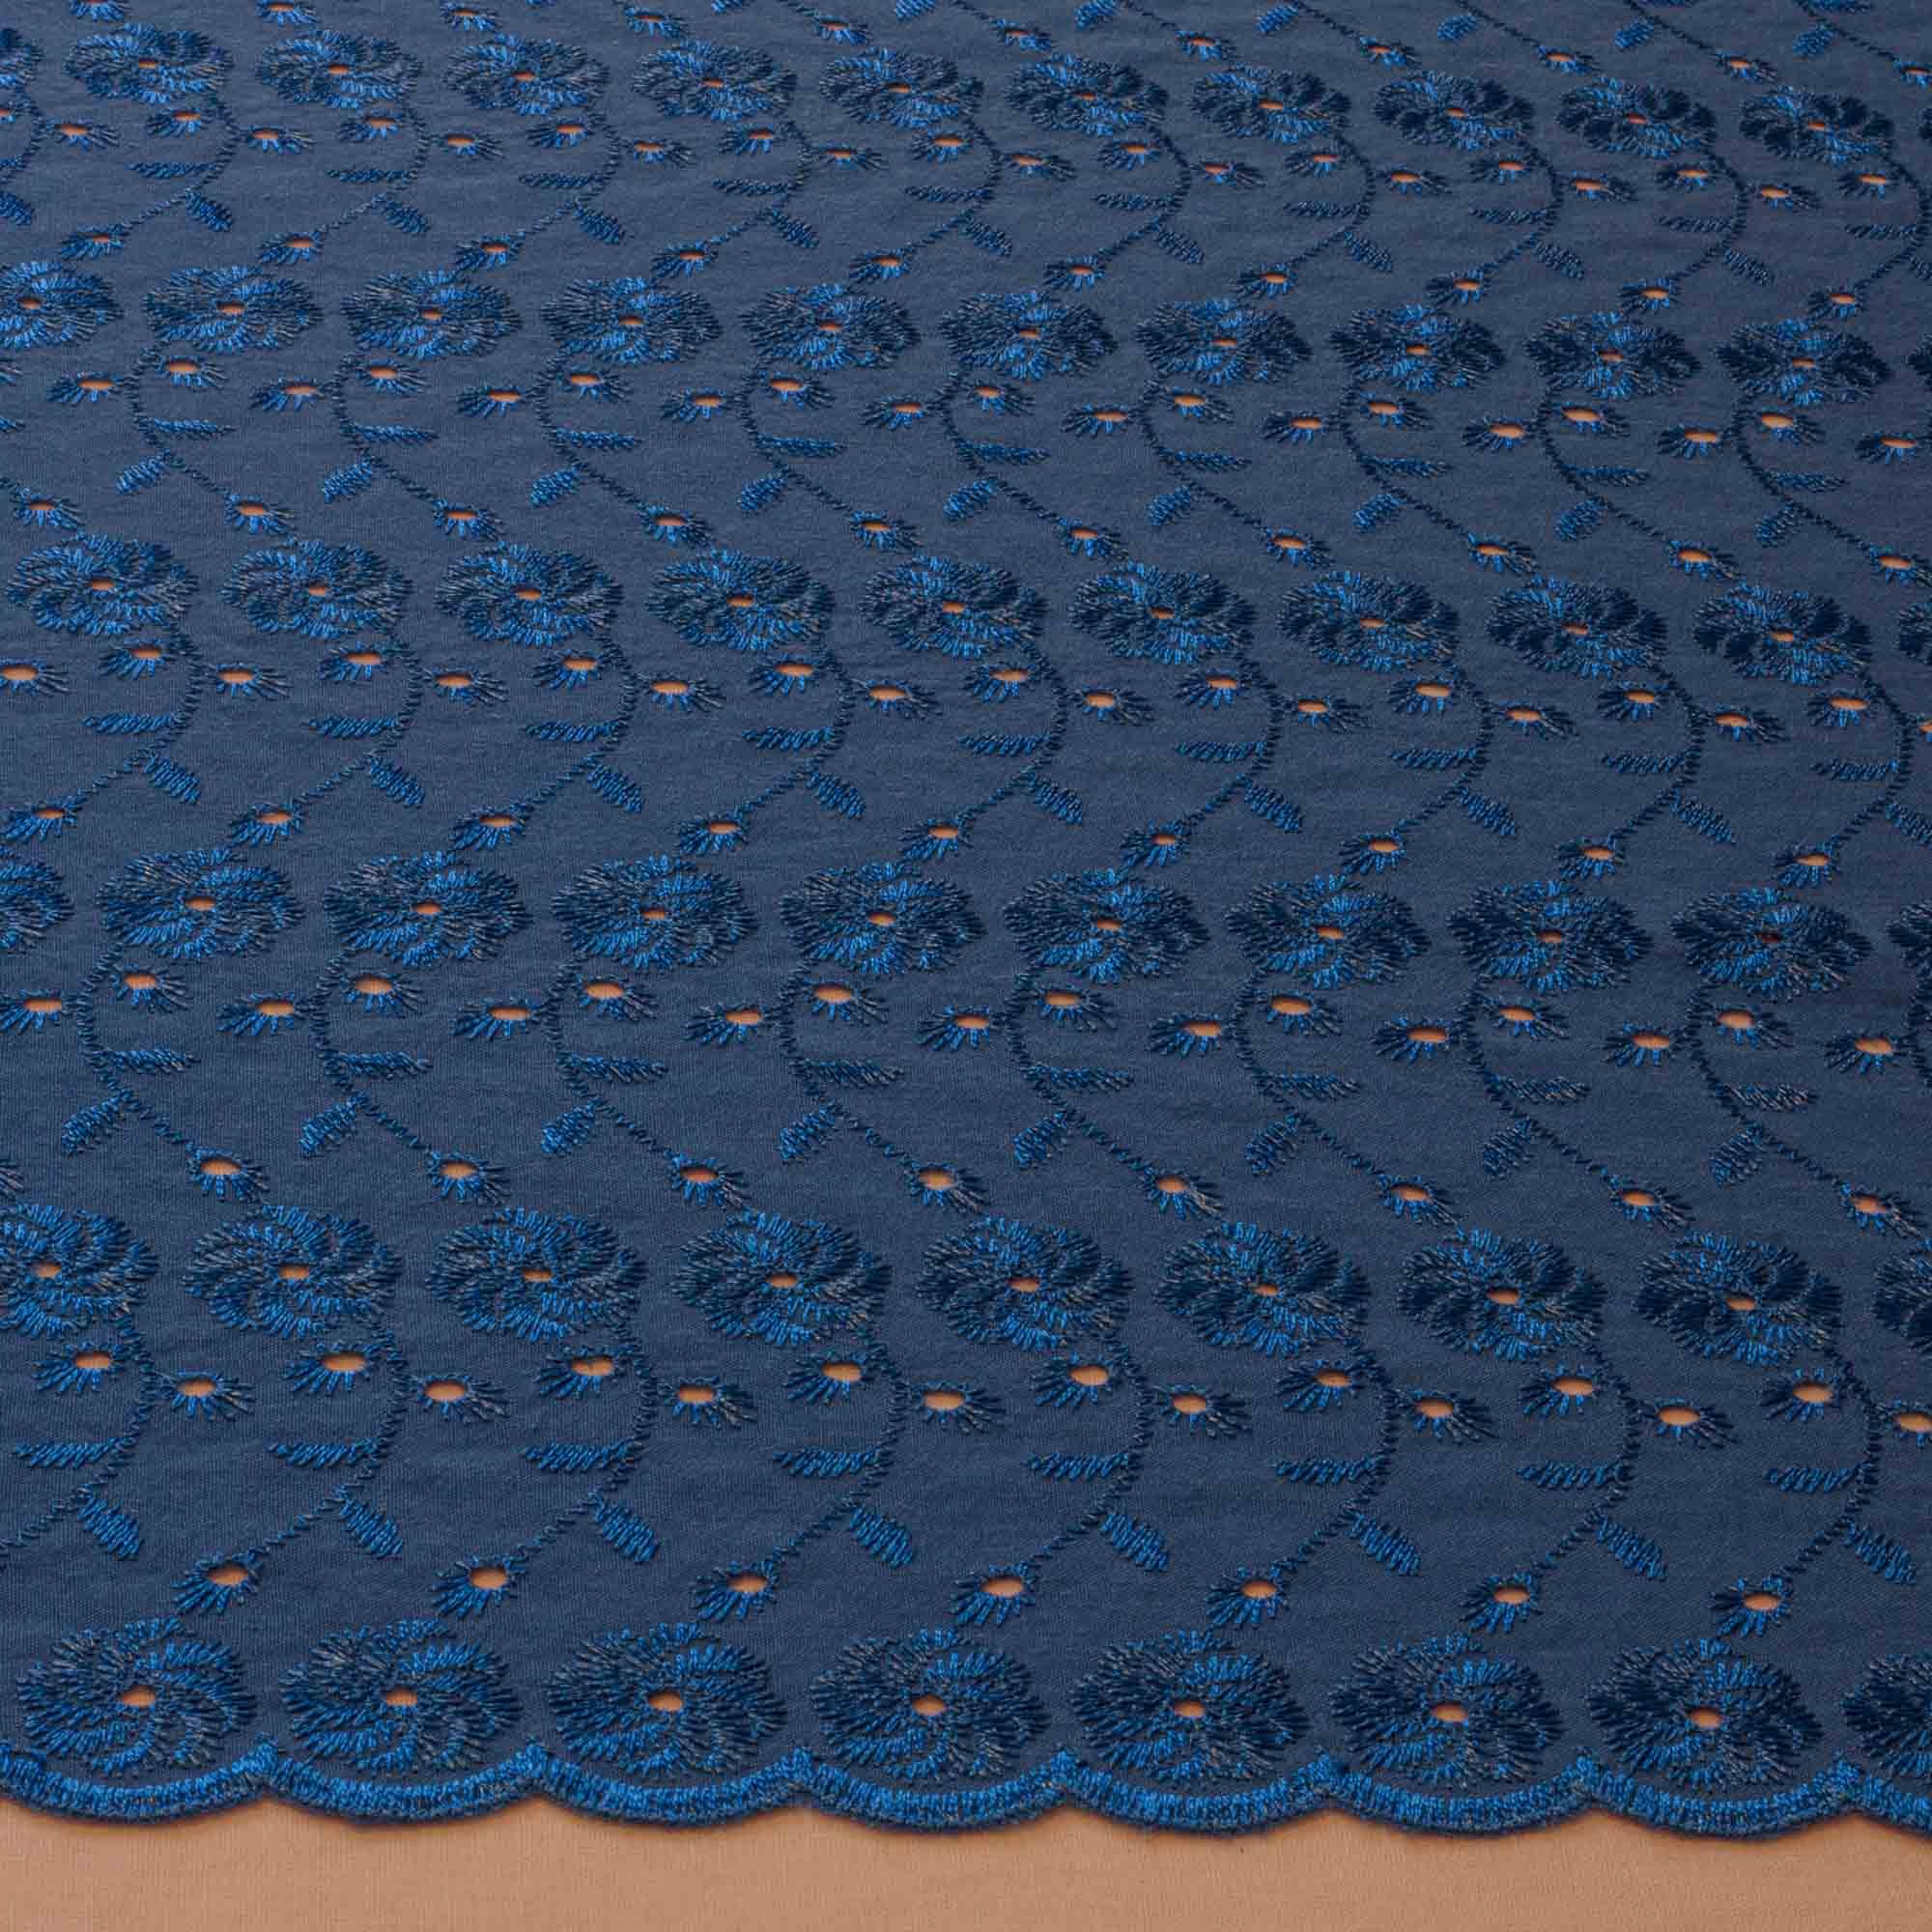 Tecido Laise 80% Poliéster 20% Algodão 1,40 Mt Largura Azul Royal